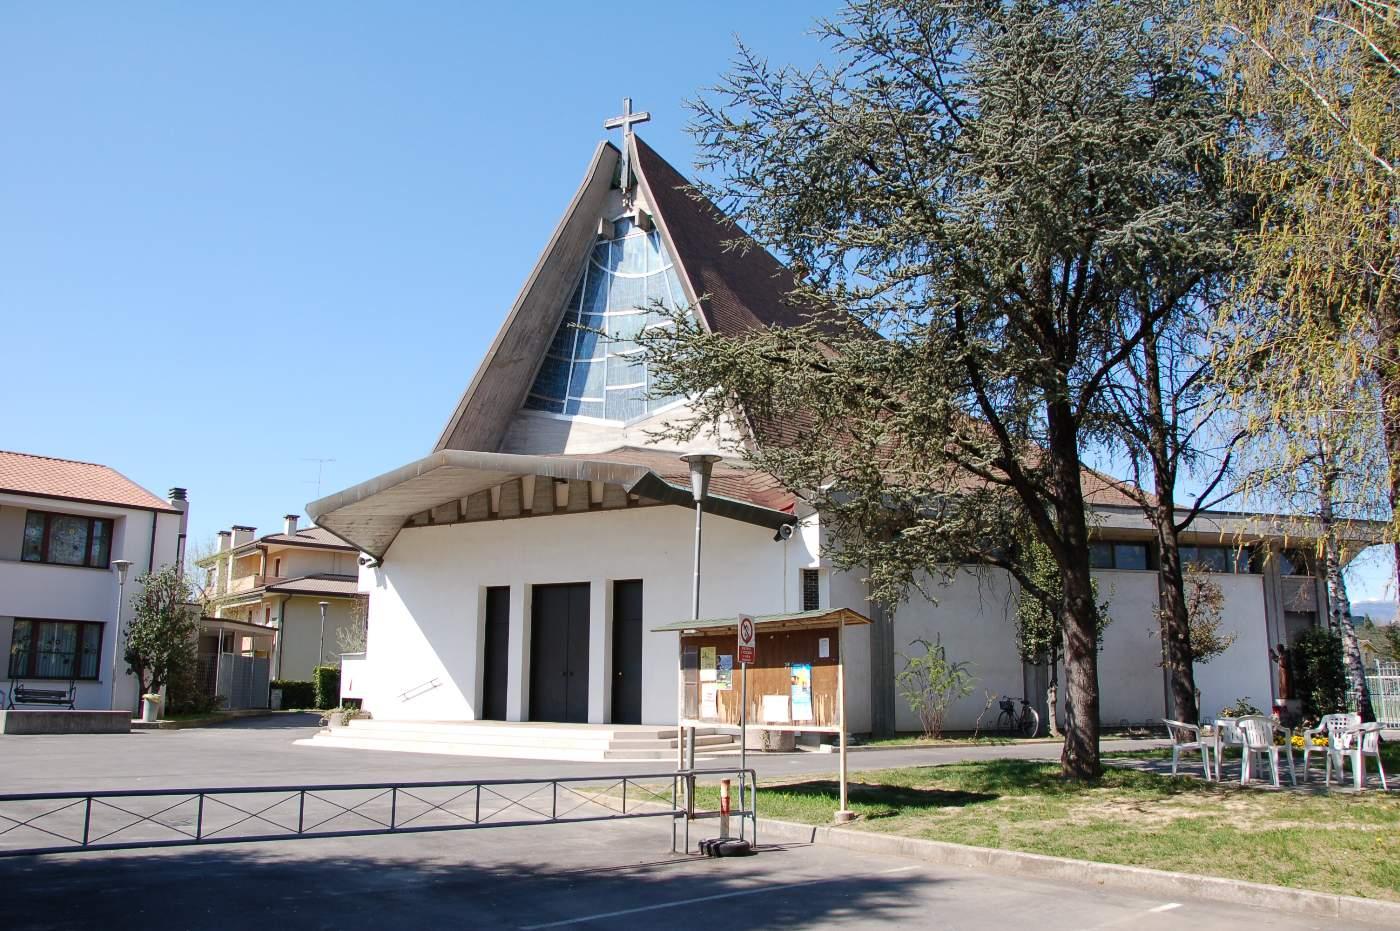 Conegliano-chiesa beata maria vergine di fatima